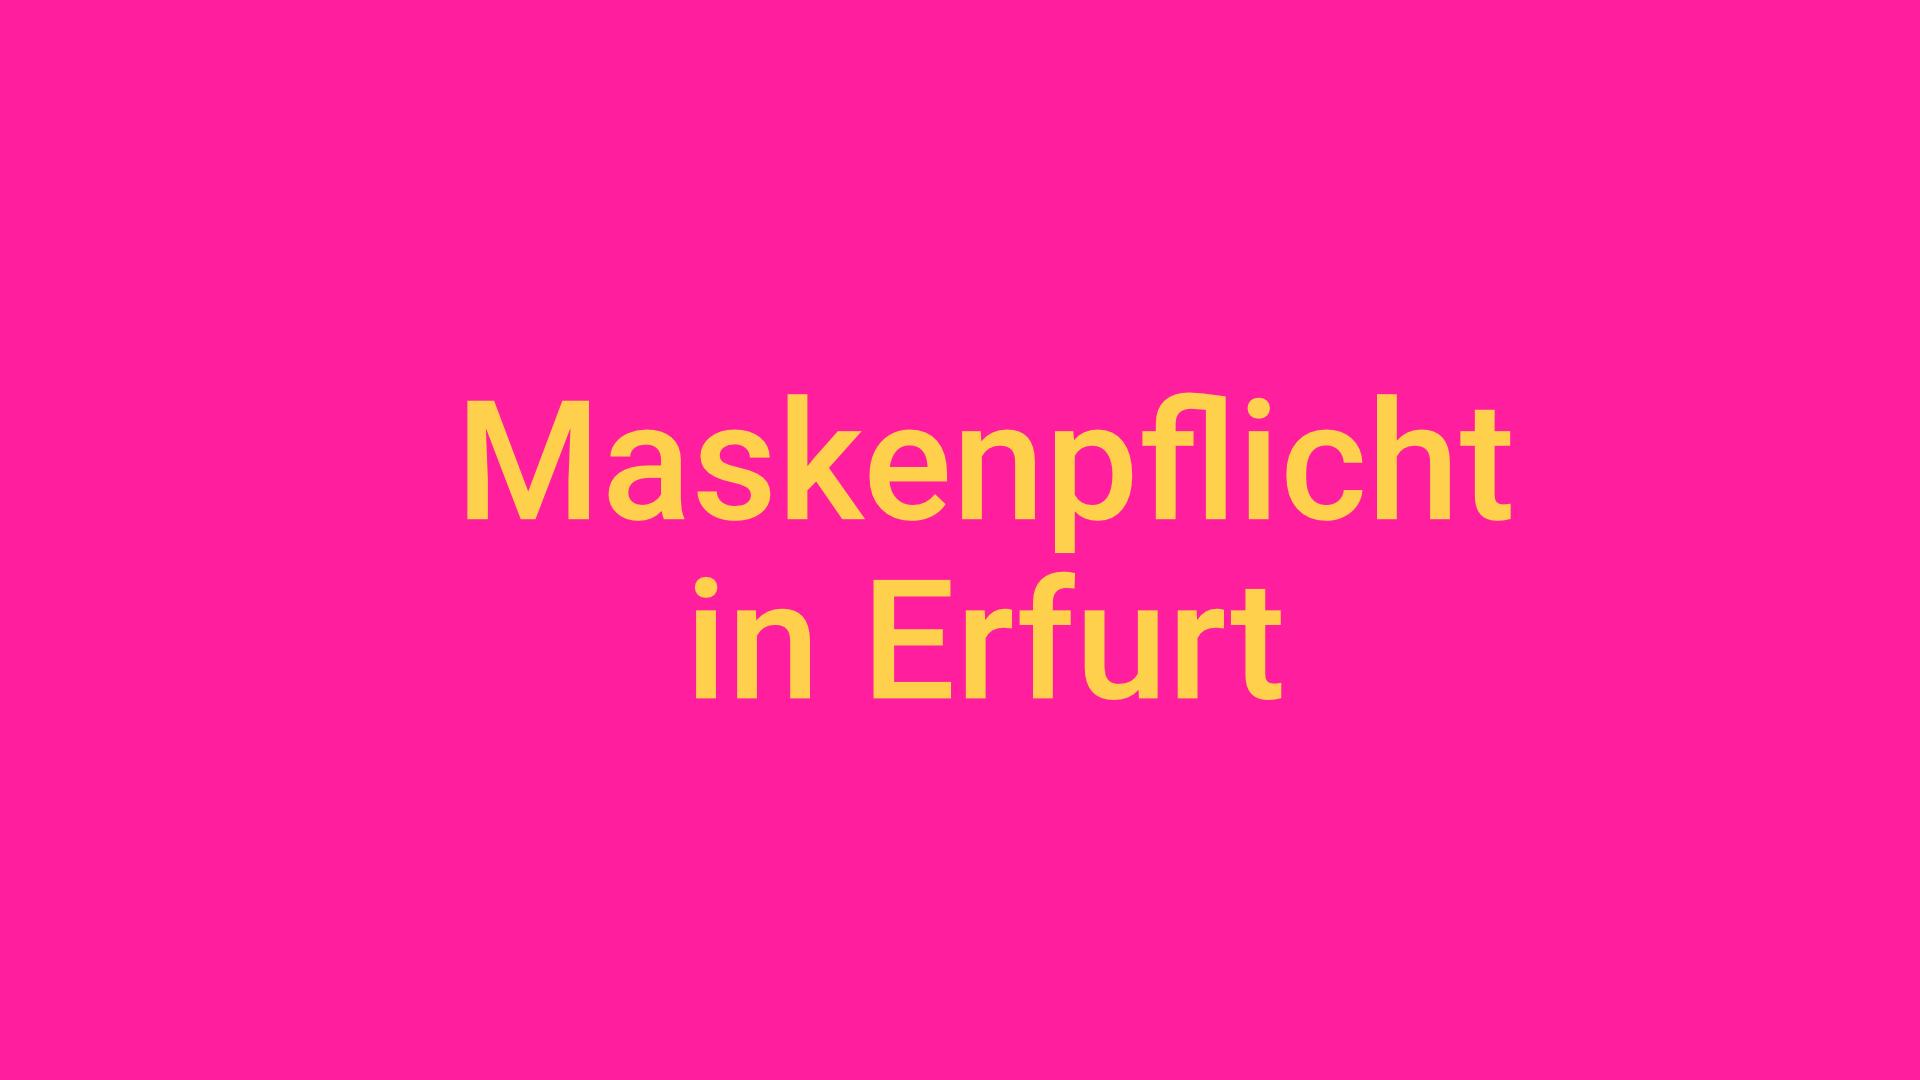 Die Maskenpflicht in Erfurt